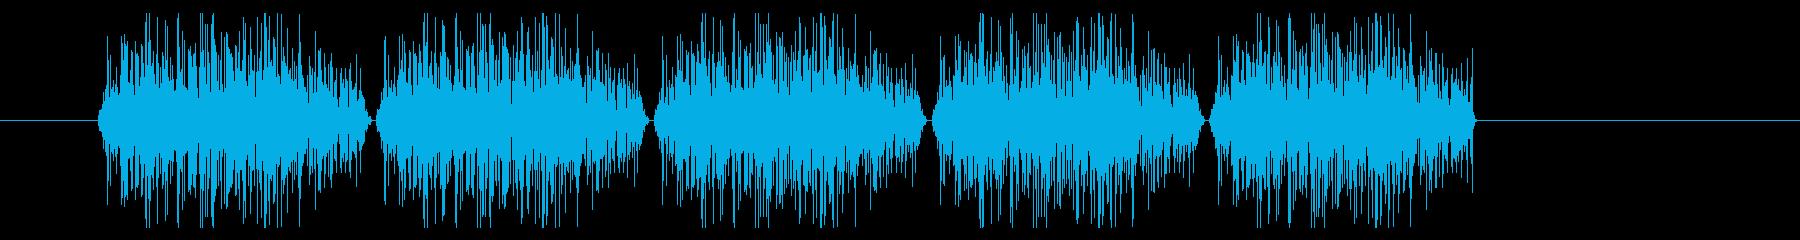 SNES レース01-09(砂)の再生済みの波形